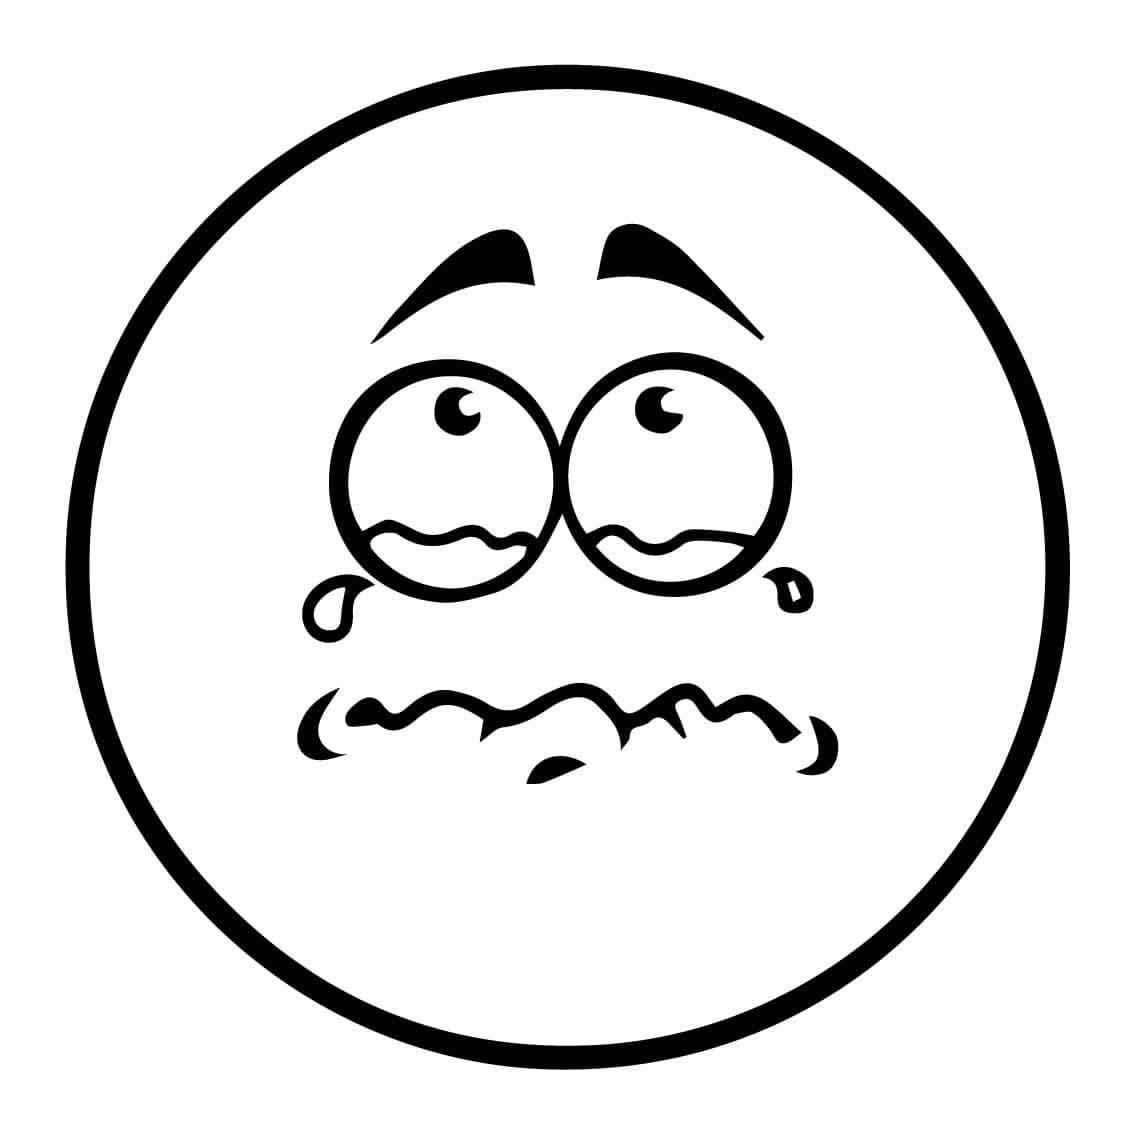 Dibujos De Emojis Para Colorear  DEEMOJISCO